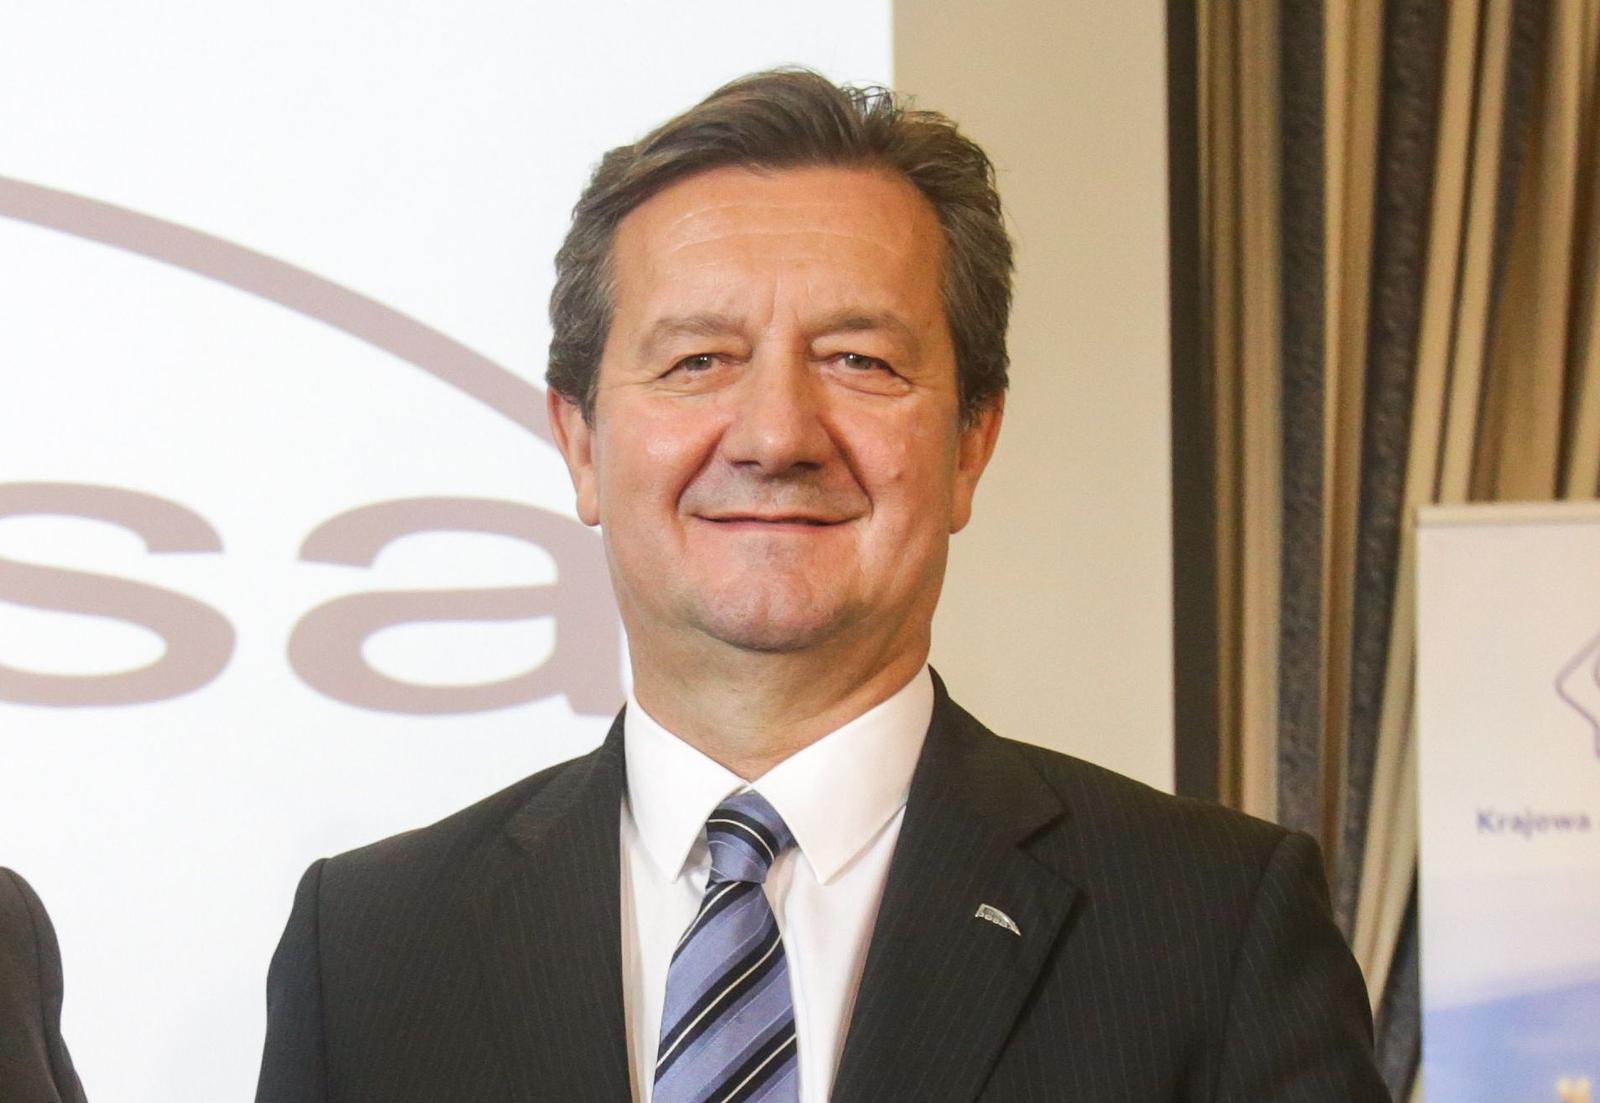 www.pb.pl